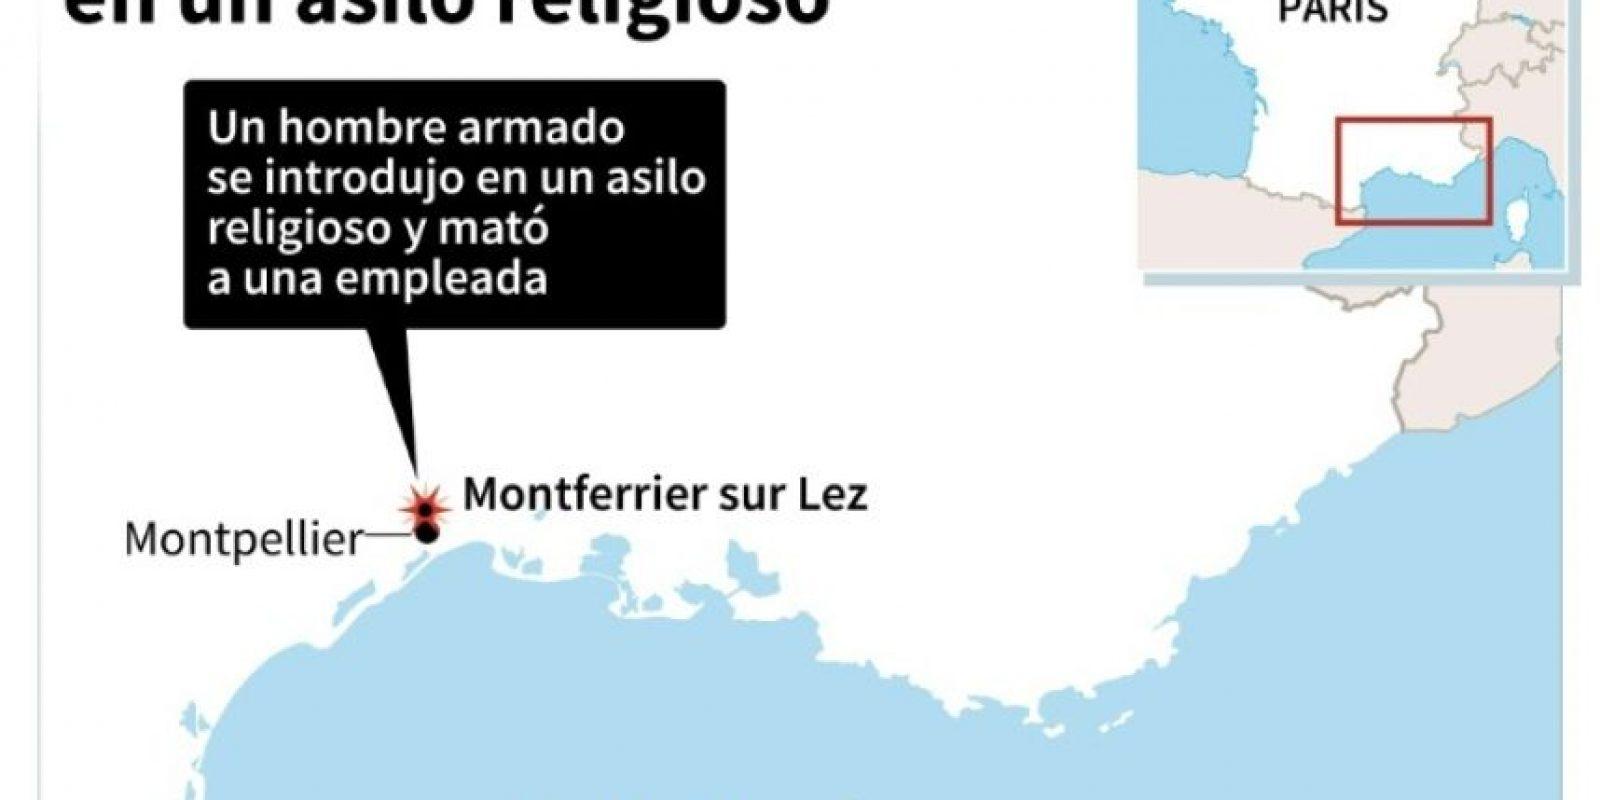 Una mujer asesinada en un asilo religioso en Francia Foto:AFP/afp.com